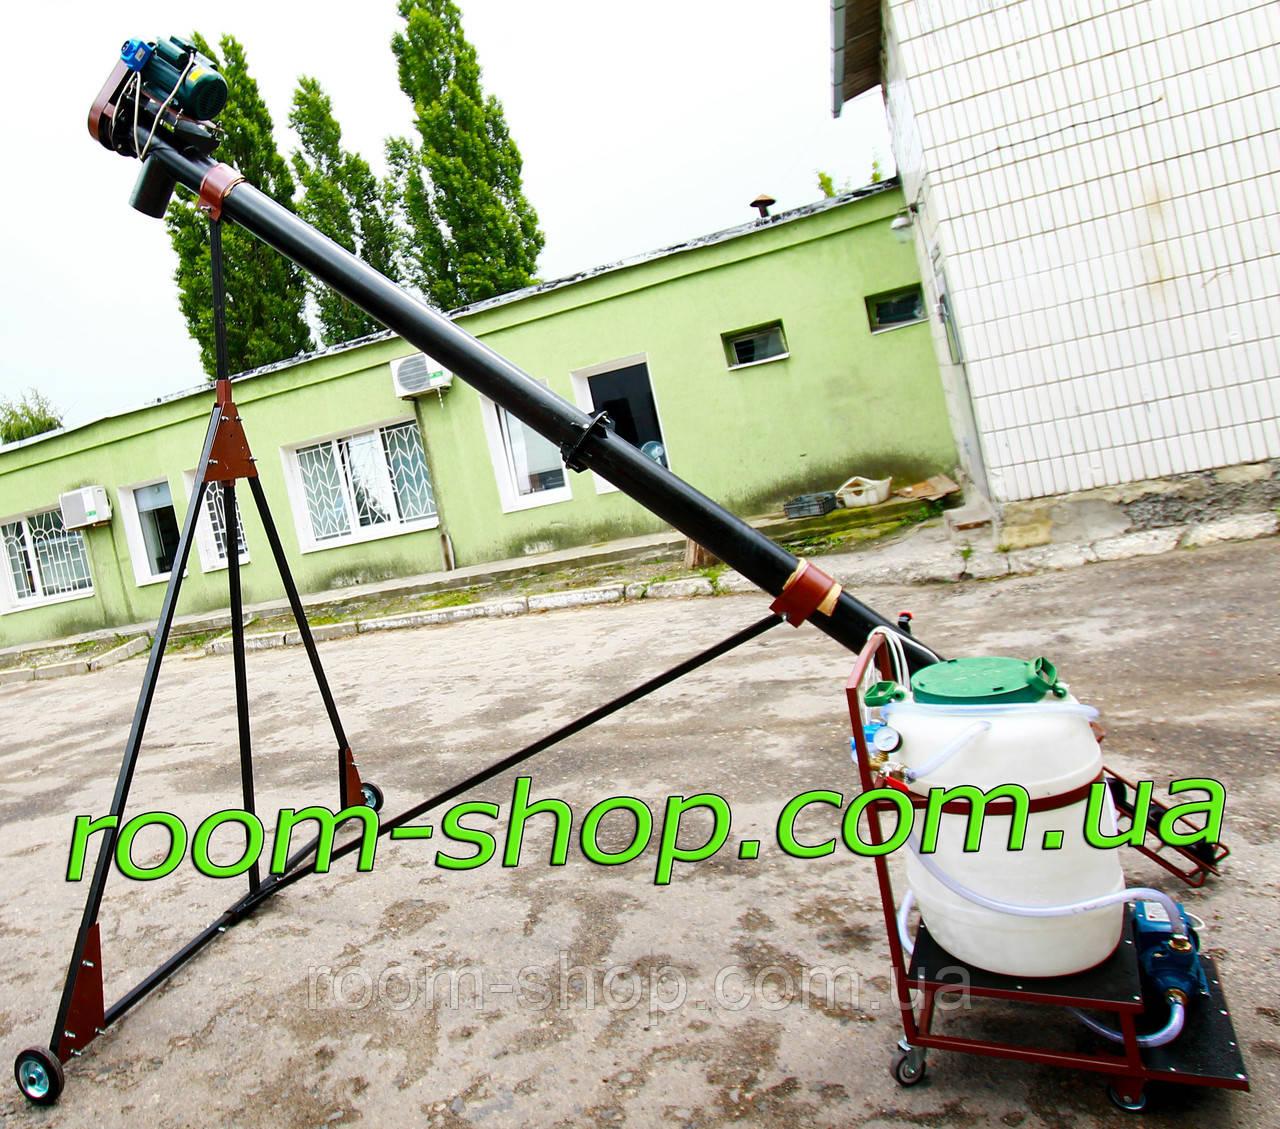 Шнековый погрузчик (перегрузчик) диаметром 110 мм на 6 метров, с протравителем семян